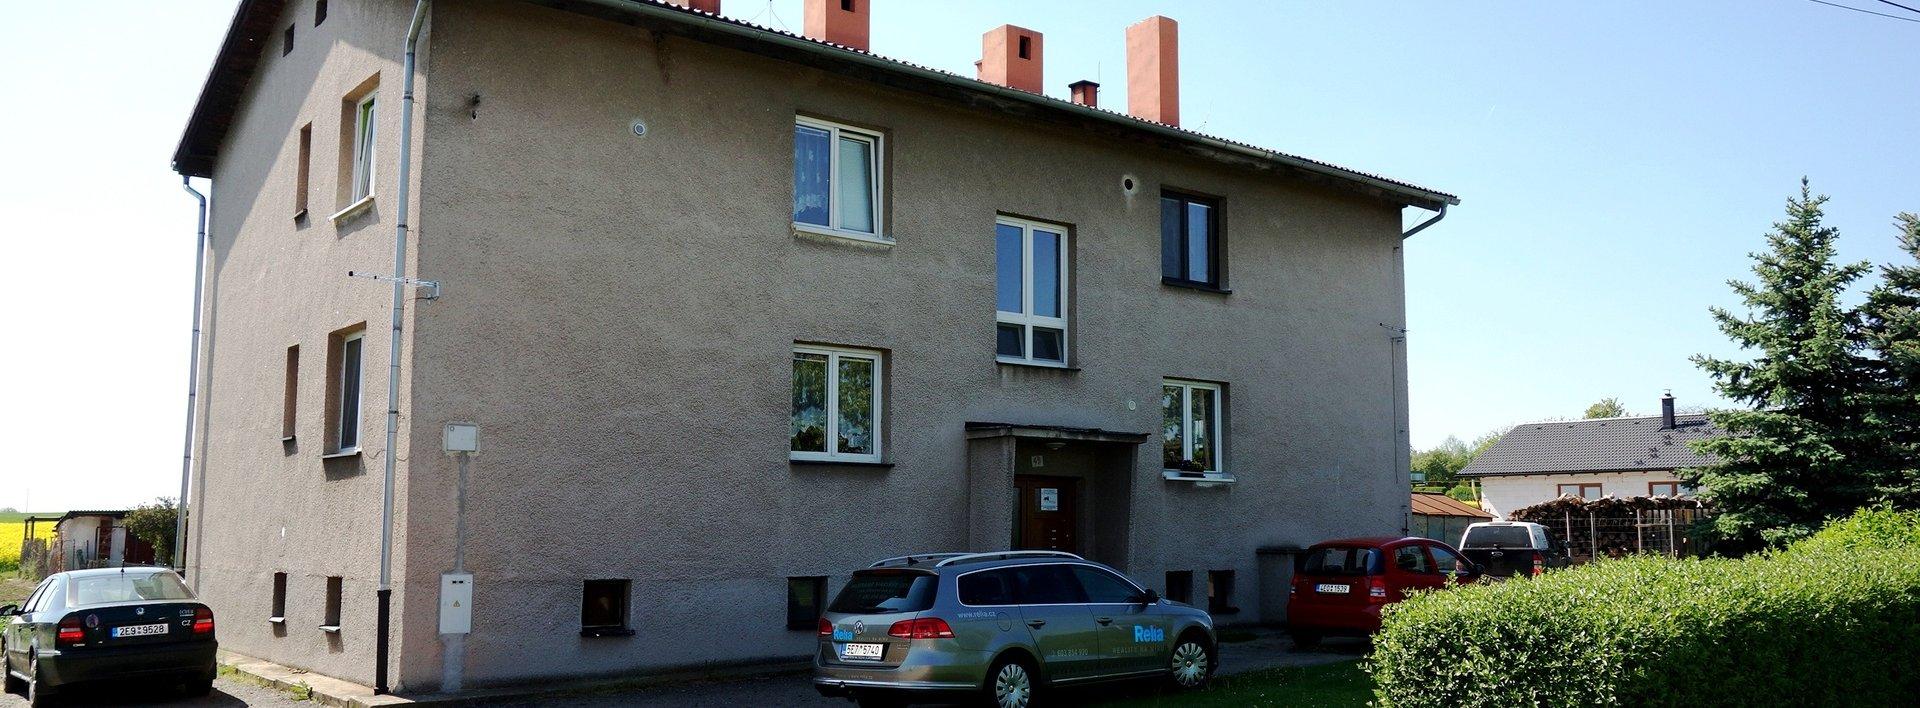 Pronájem pěkného bytu 3+kk s dvougaráží, pergolou a zahradou - Kasalice, Ev.č.: N48214